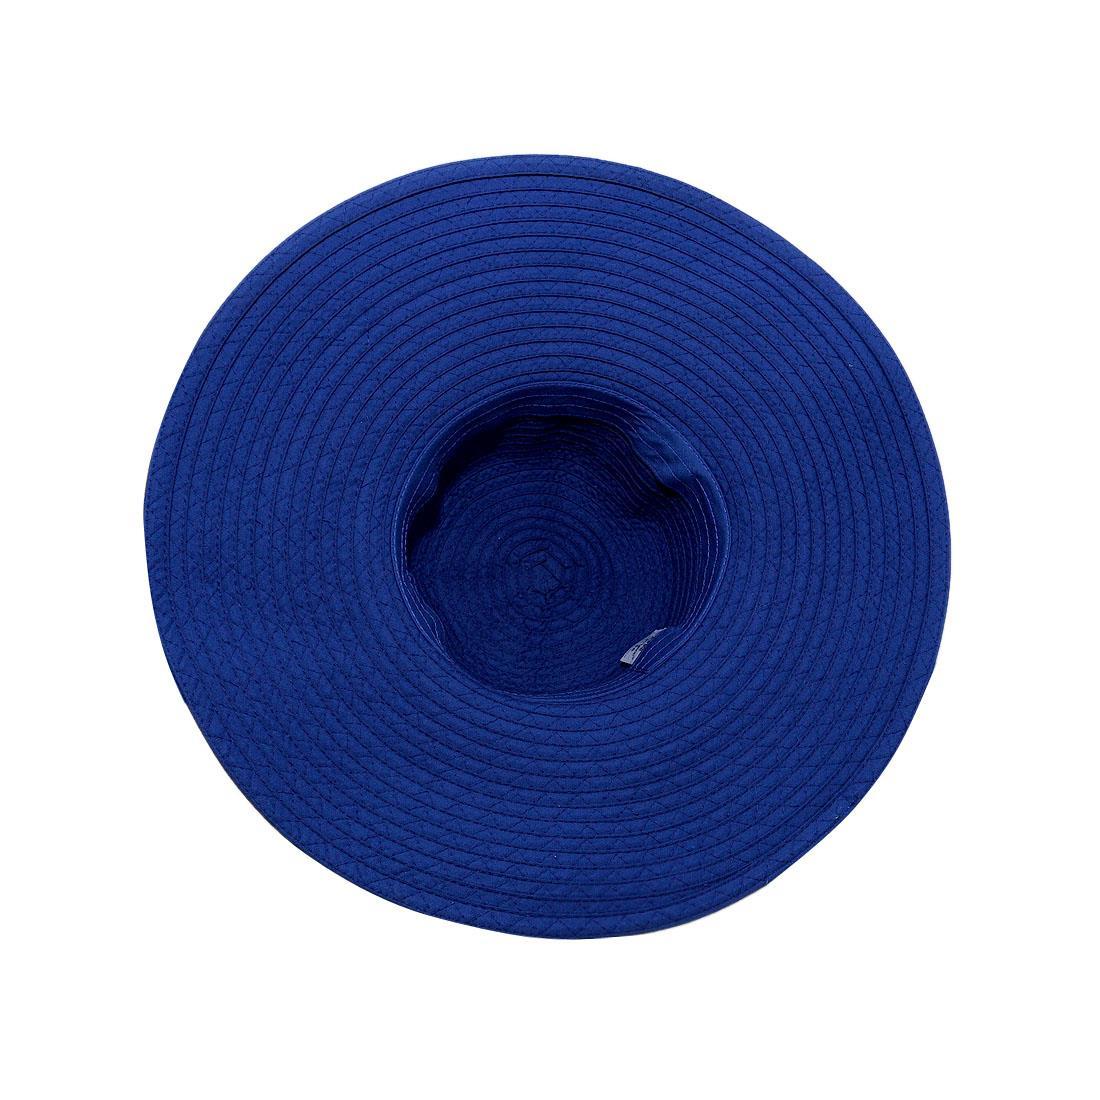 Nón nữ vành rộng cao cấp màu xanh biển EH19-3